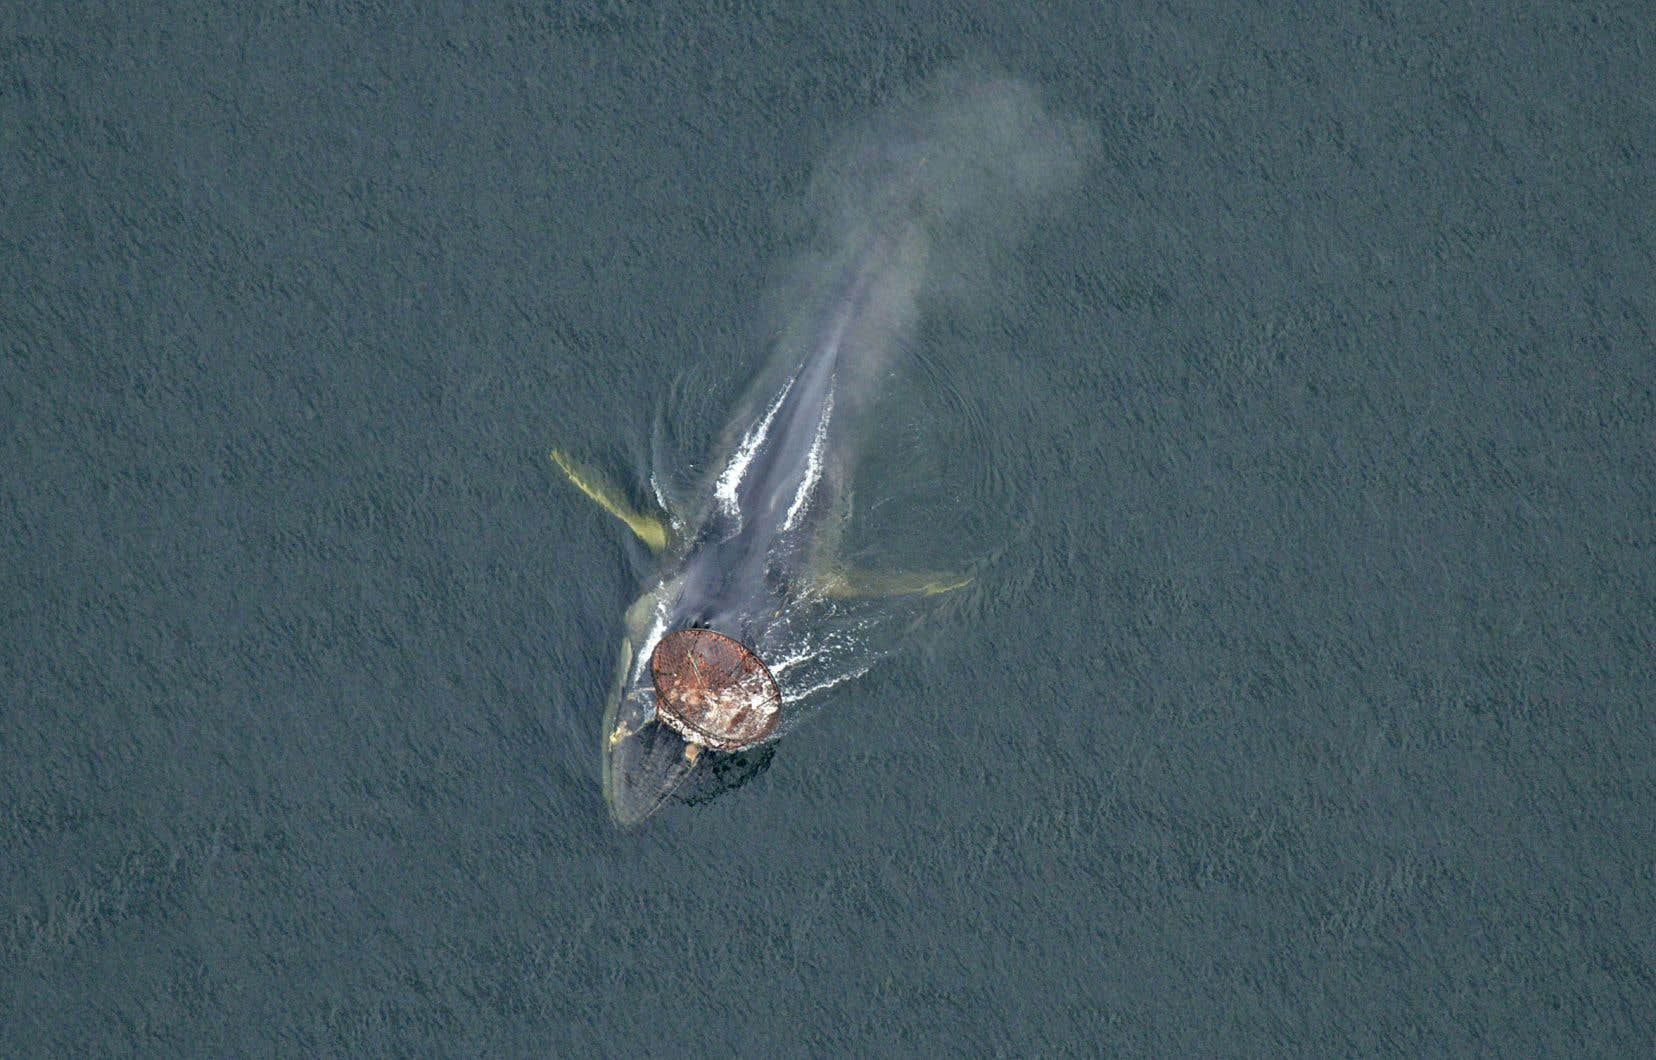 Le rorqual commun Capitaine Crochet s'est retrouvé sévèrement empêtré dans le cordage d'un casier de crabe des neiges en 2013. Malgré les tentatives de sauvetage, l'animal a disparu sans avoir pu être sauvé.